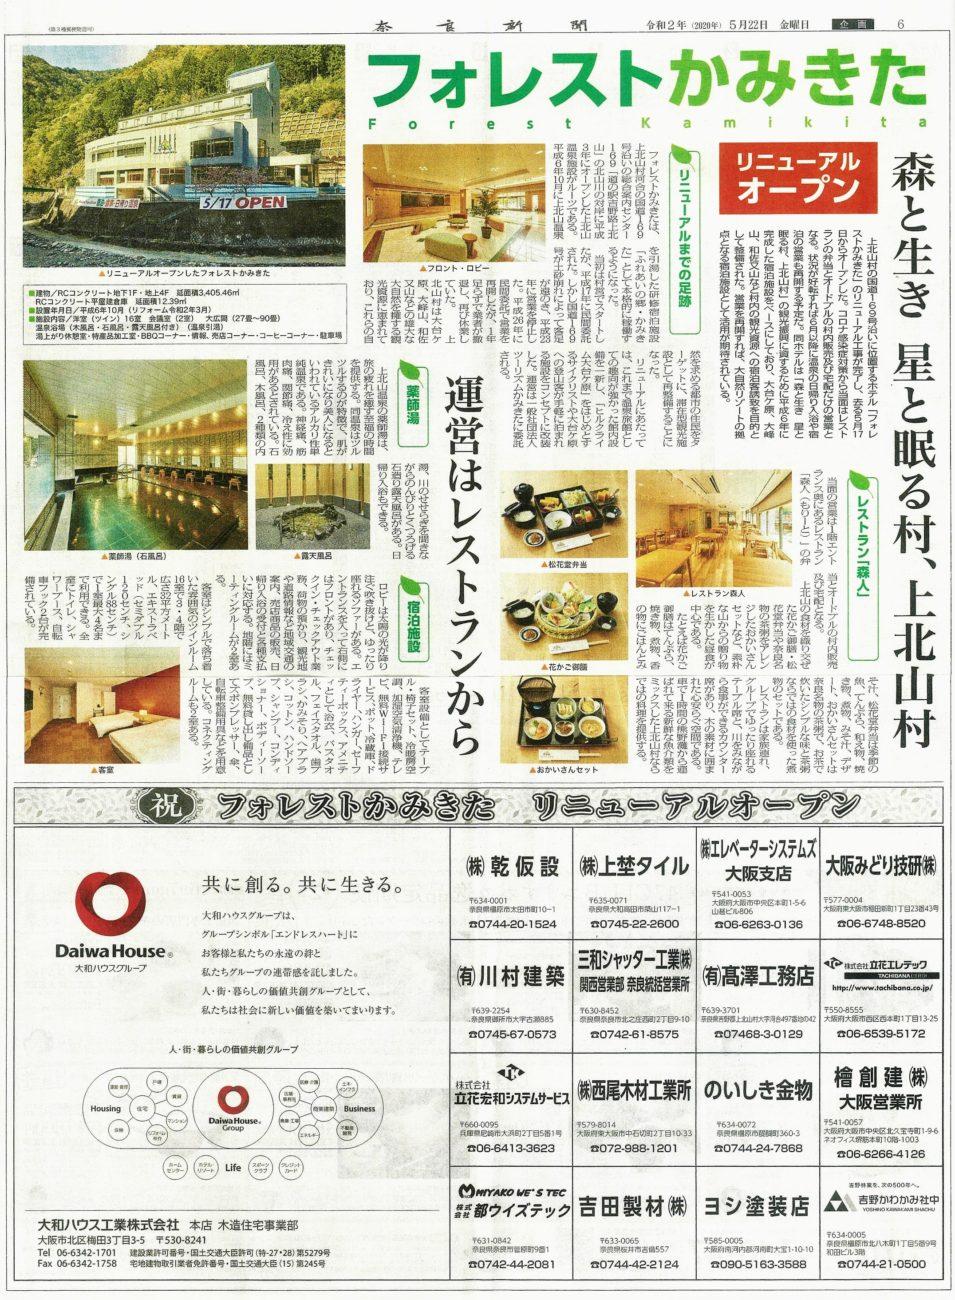 2020.05.22 奈良新聞(フォレストかみきた)